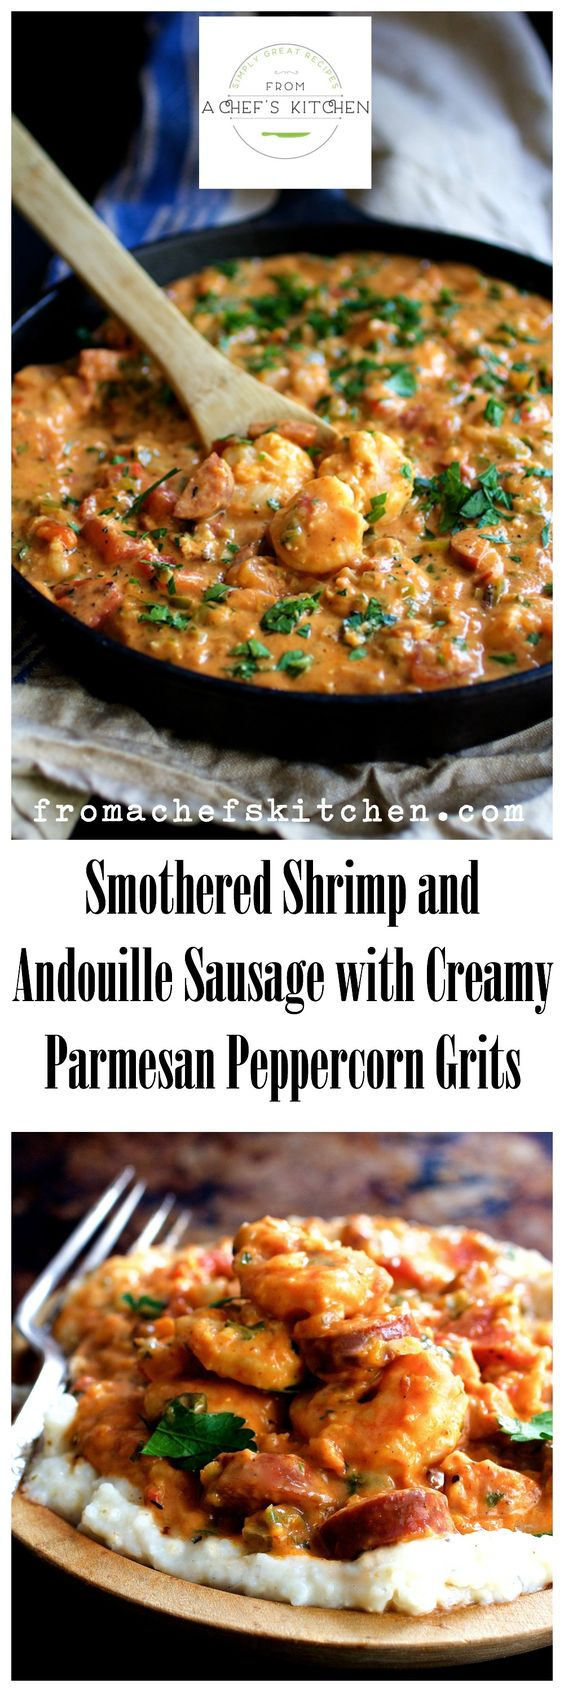 ... grits parmesan peppercorn and more shrimp parmesan sausages grits